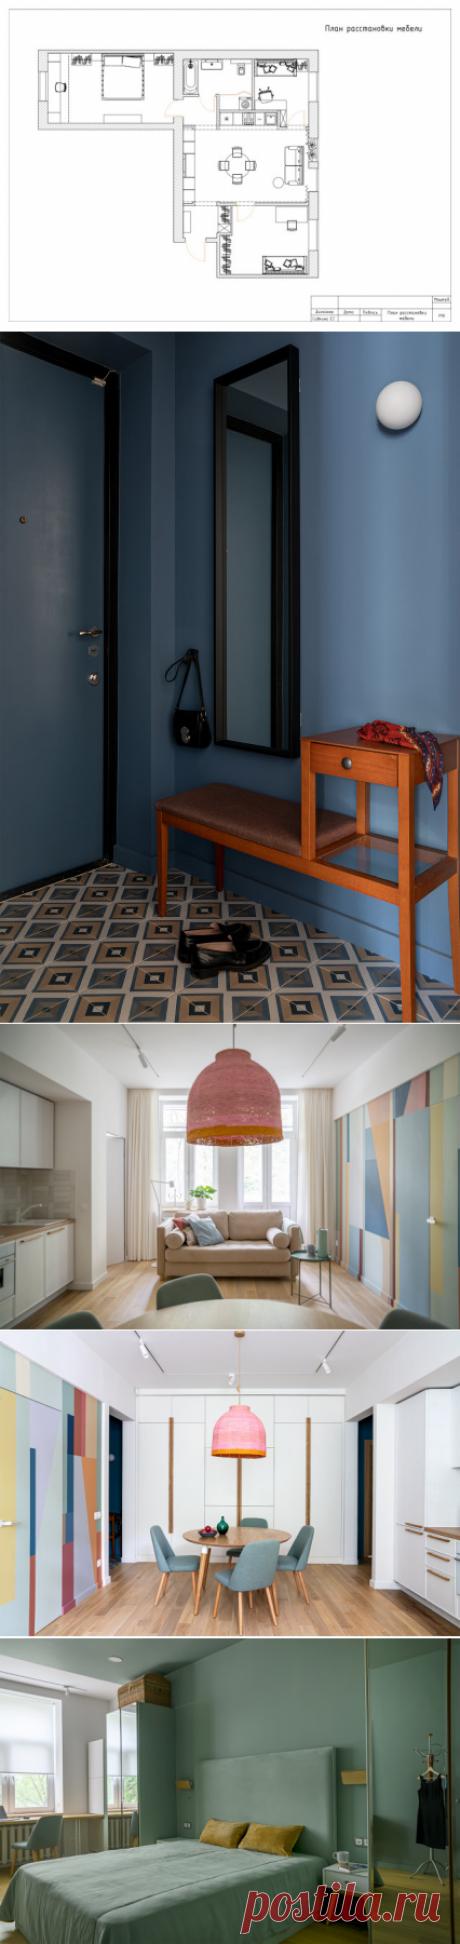 В гостях: Квартира с разноцветной стеной и умными шкафами - от эксперта Евгения Назарова   Houzz Россия